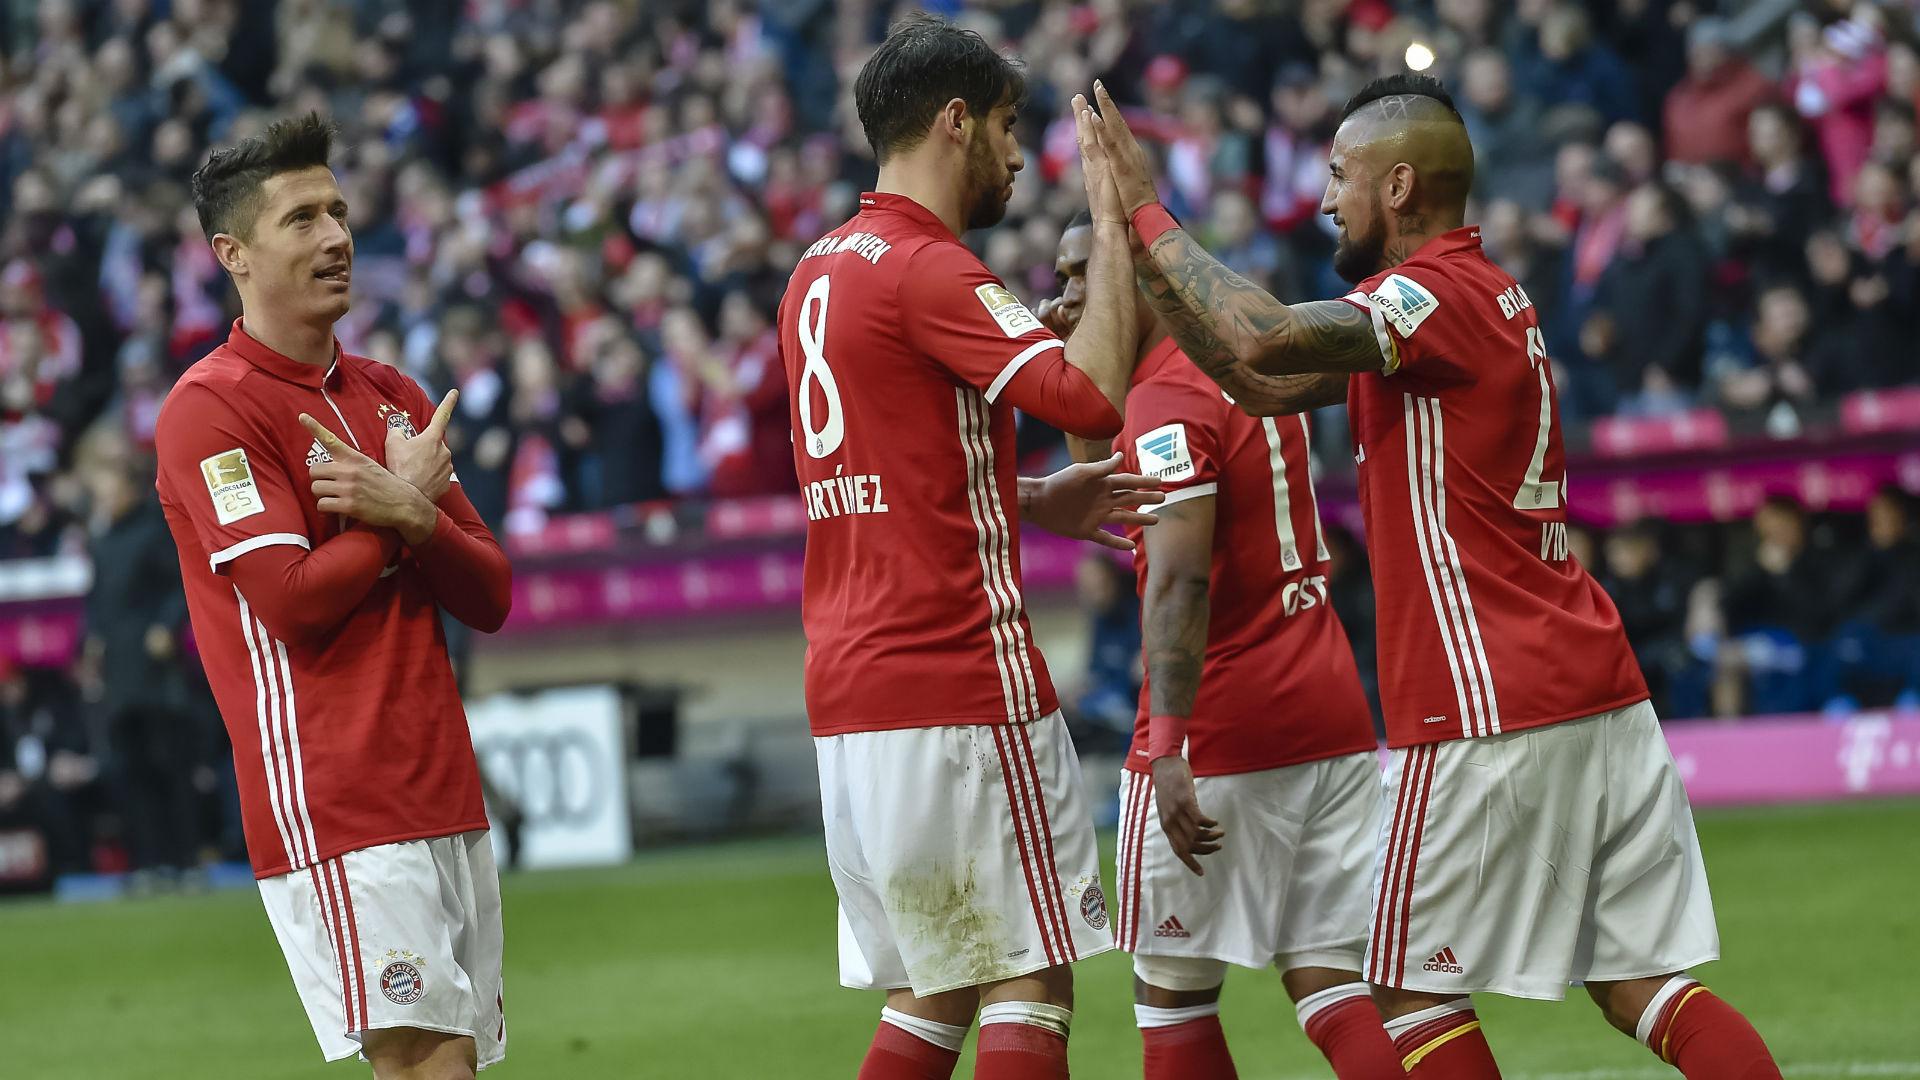 Bayern Munich celebrates Hamburg